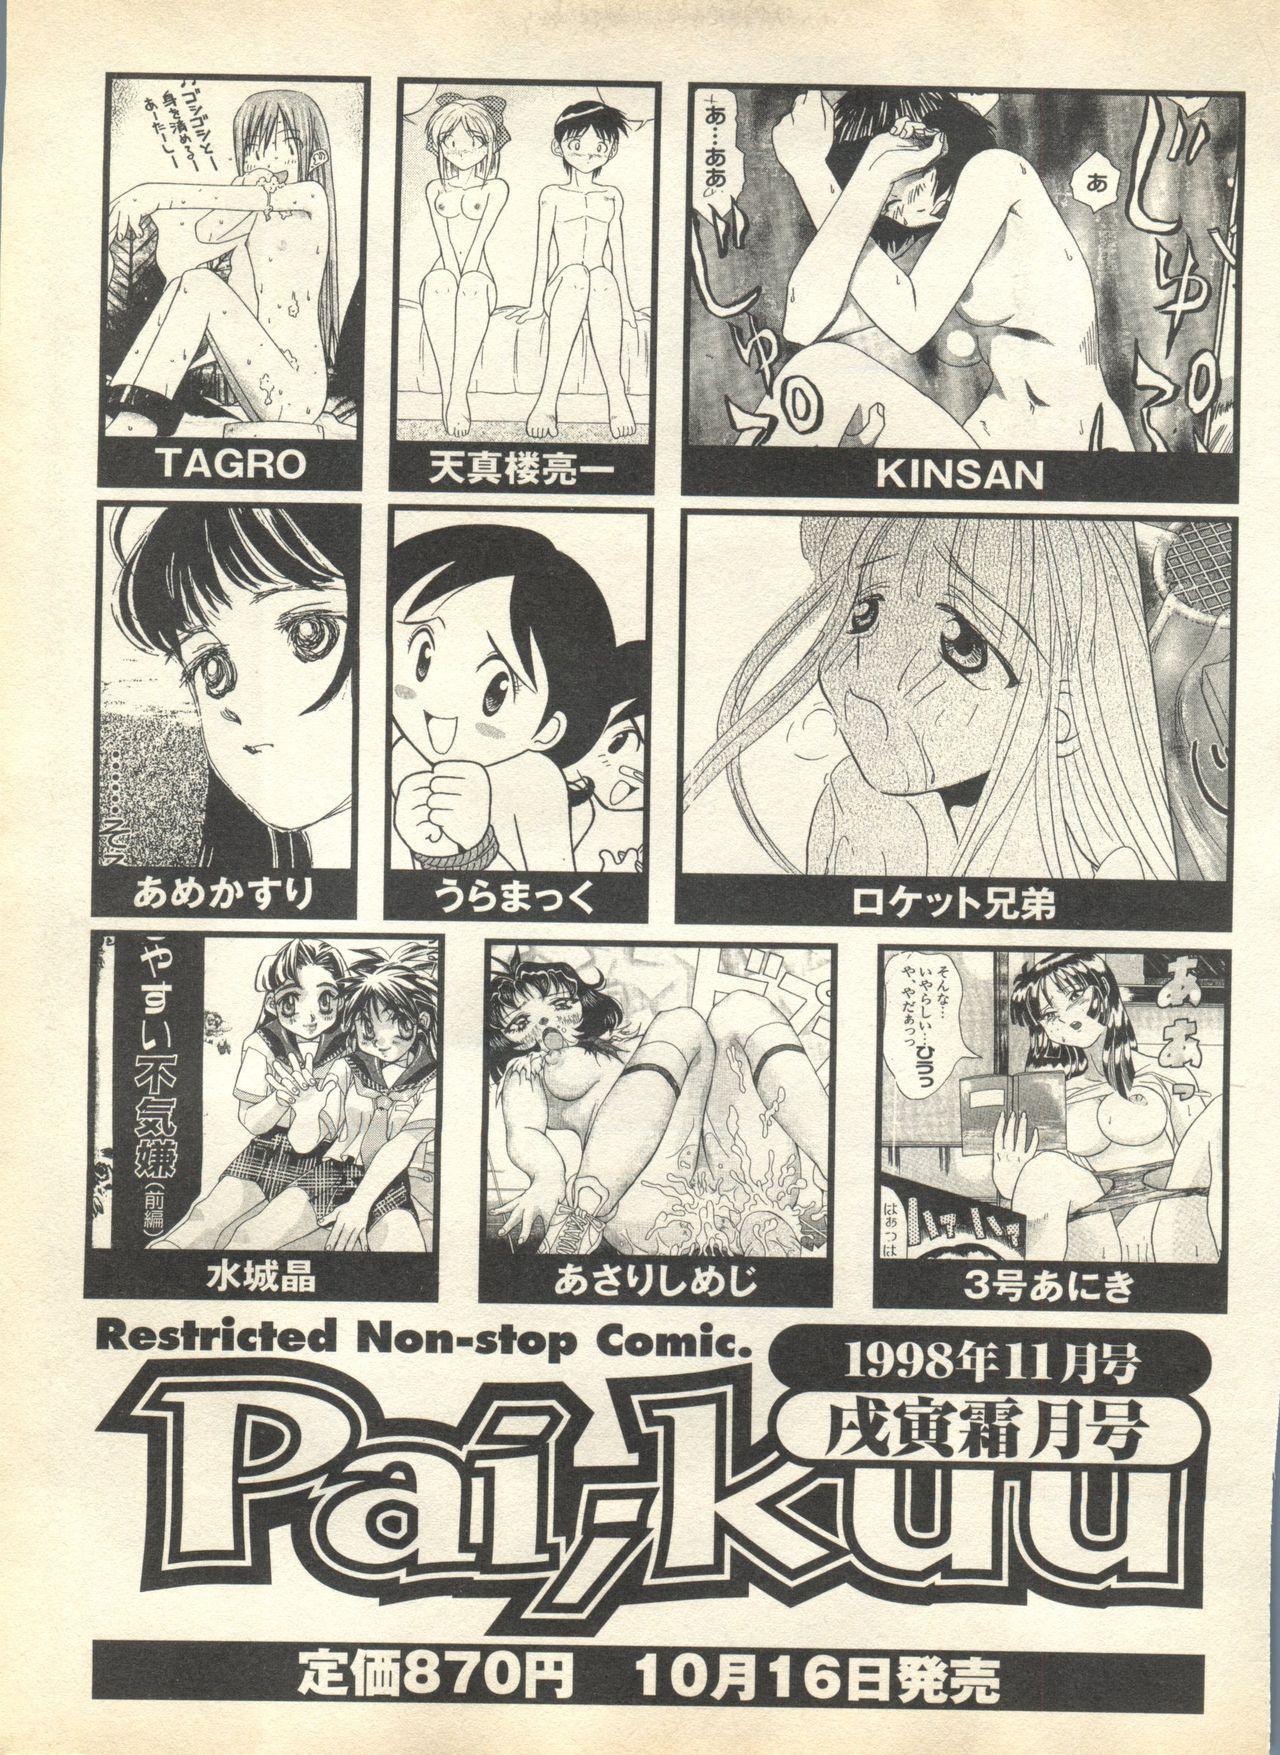 Pai;kuu 1998 October Vol. 13 262